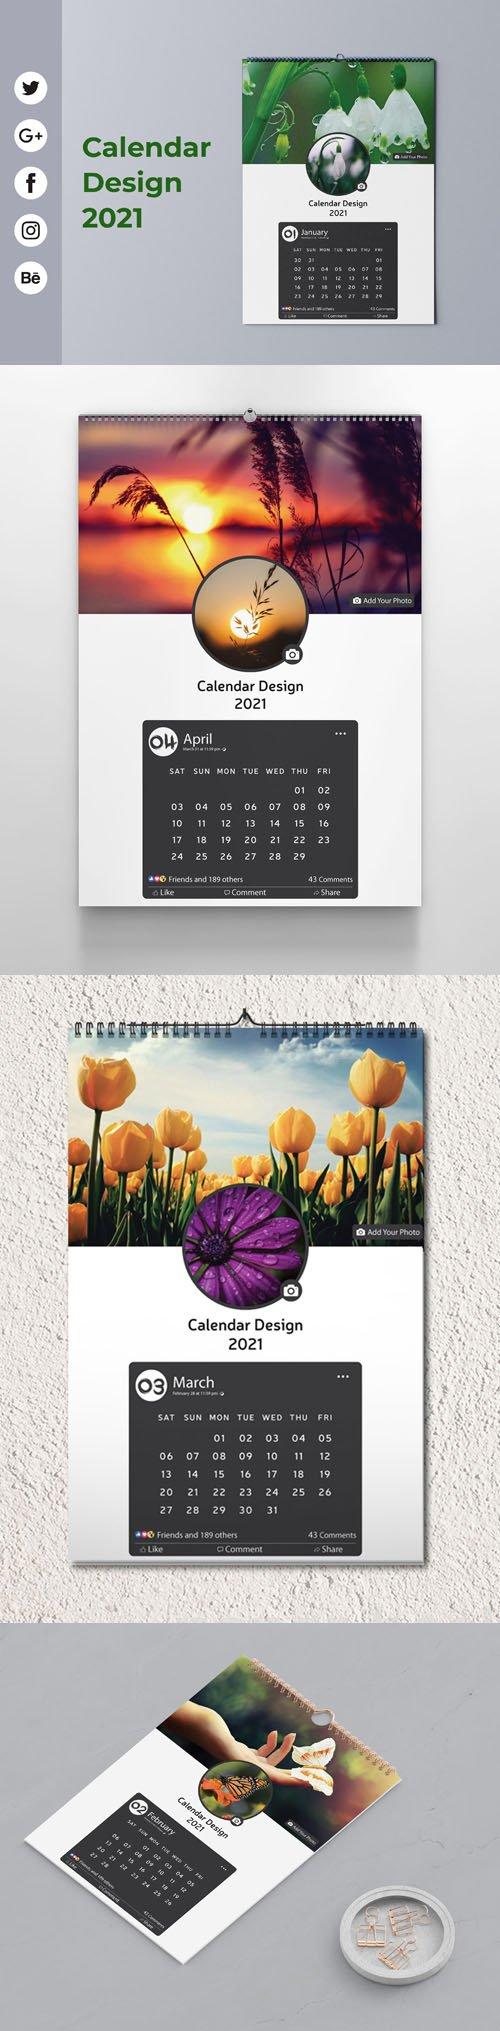 Calendar Design 2021 Vector Templates